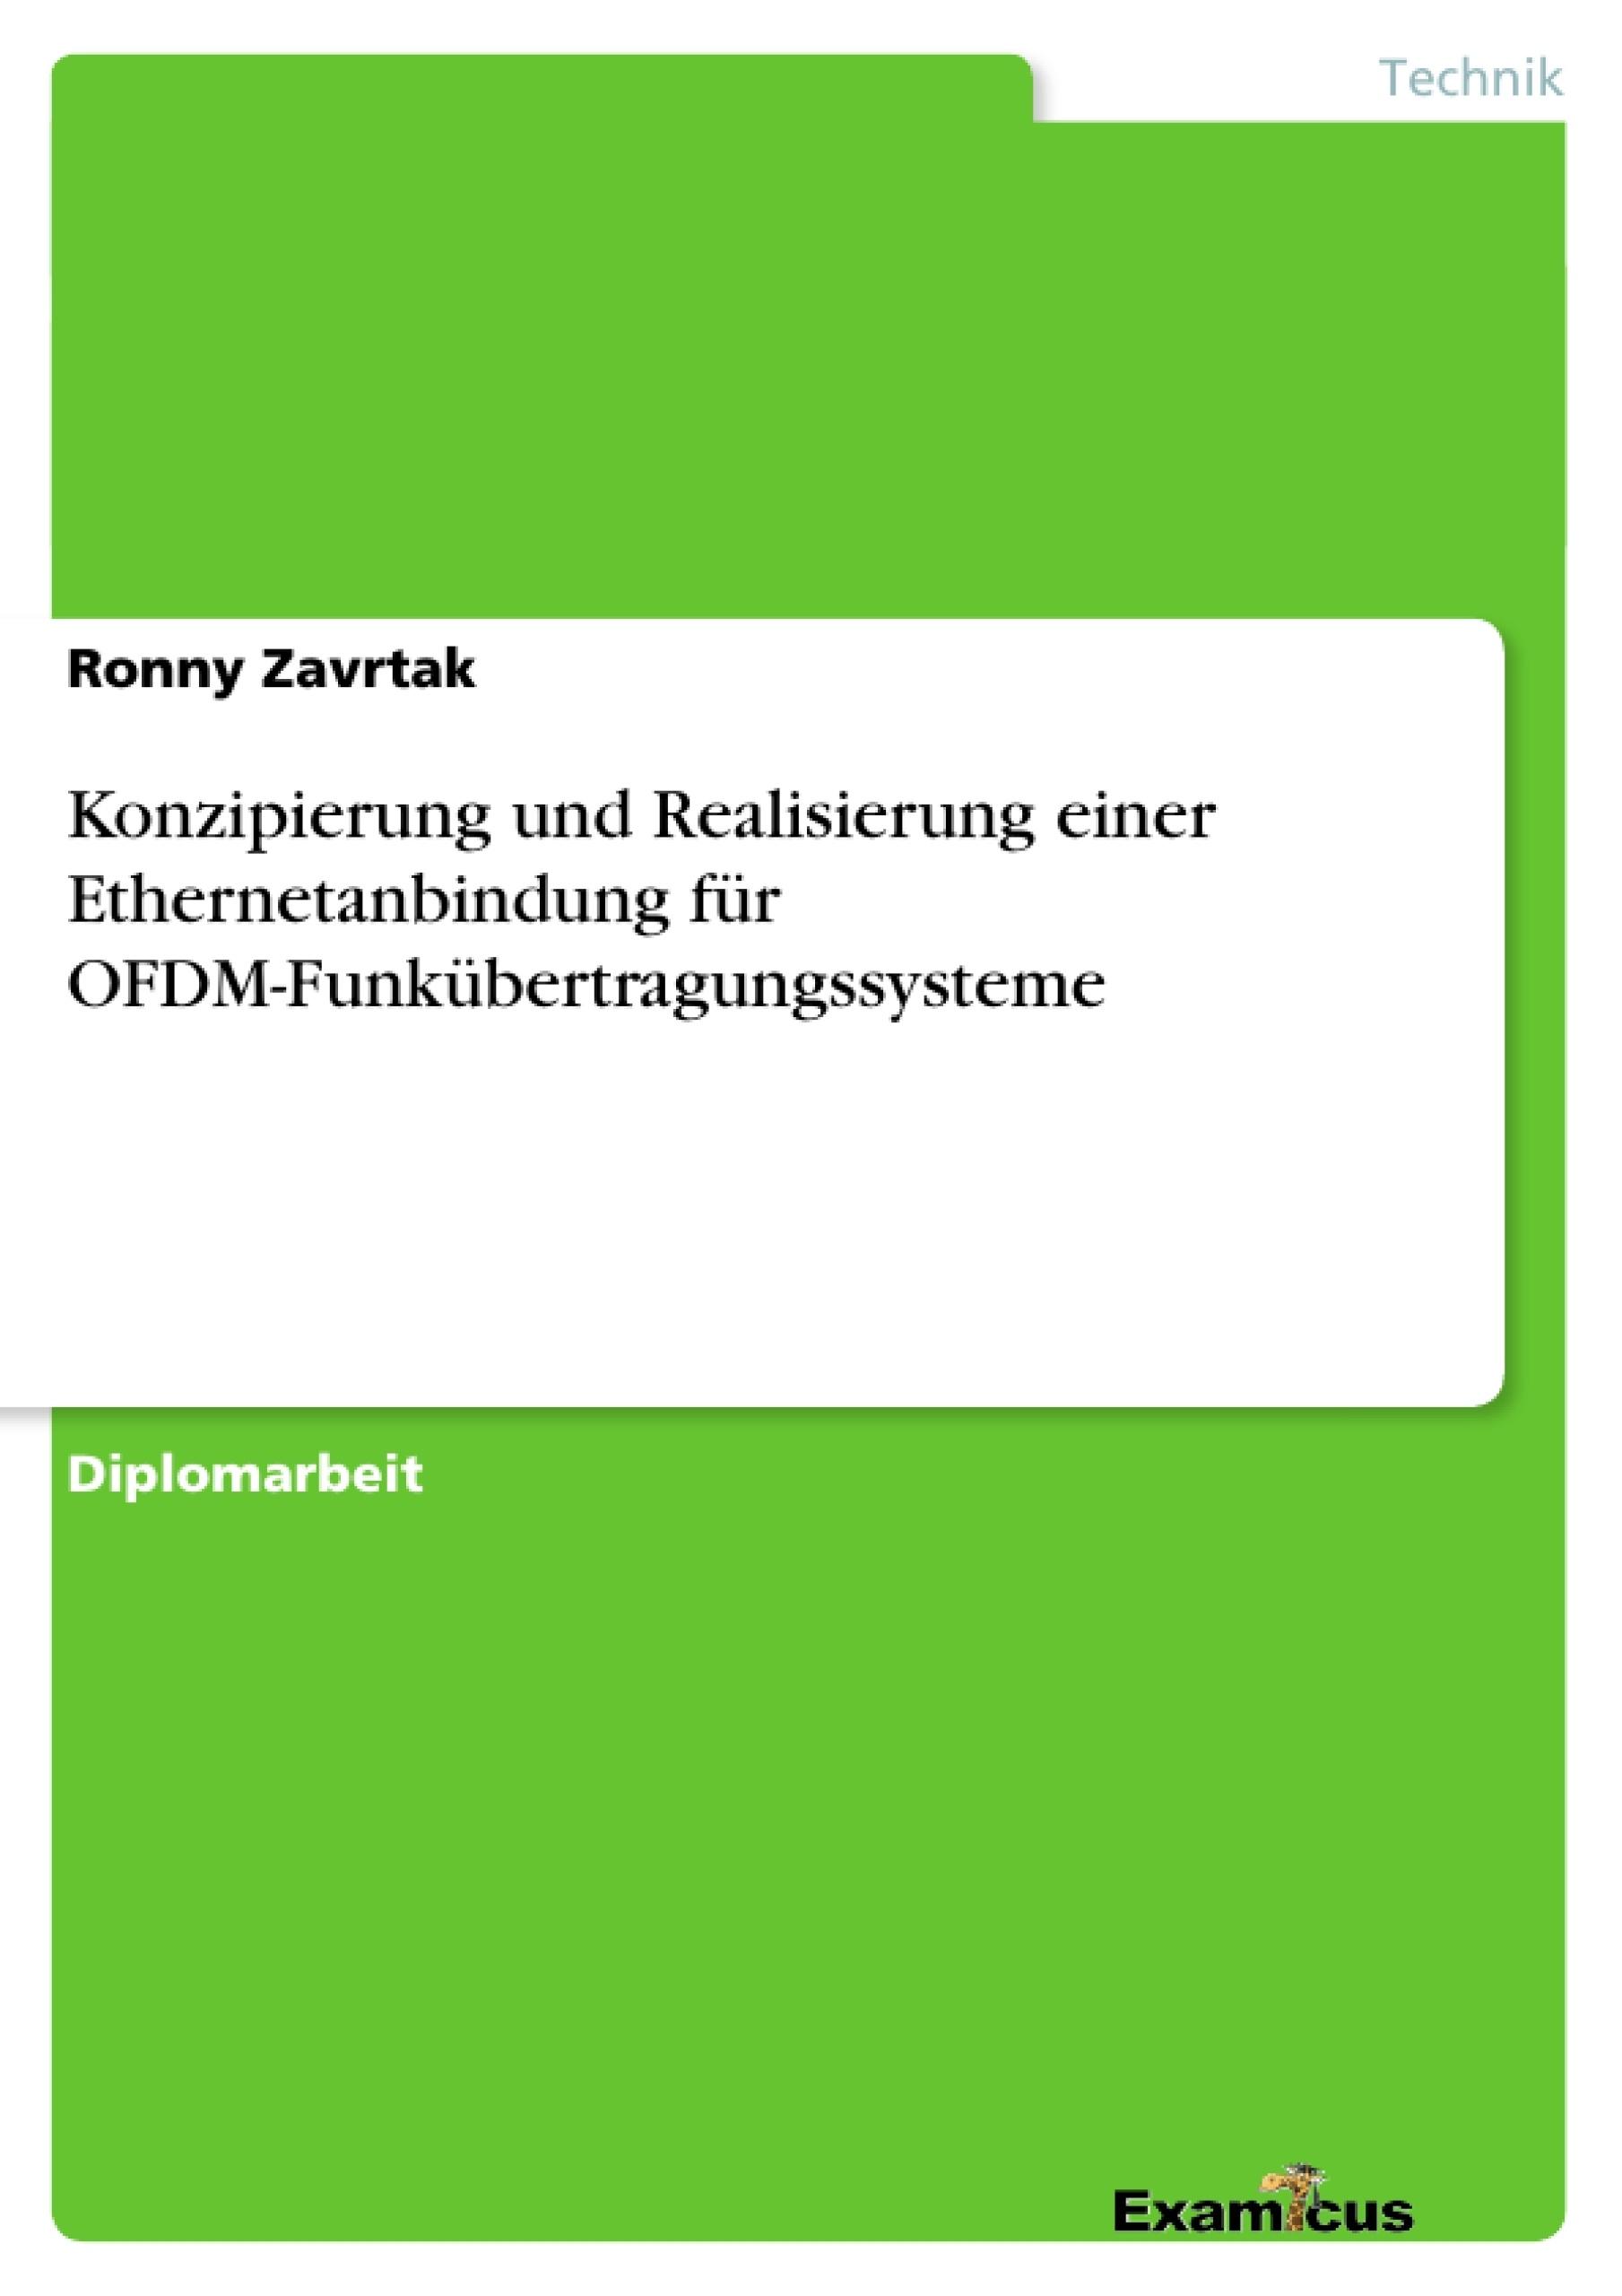 Titel: Konzipierung und Realisierung einer Ethernetanbindung für OFDM-Funkübertragungssysteme